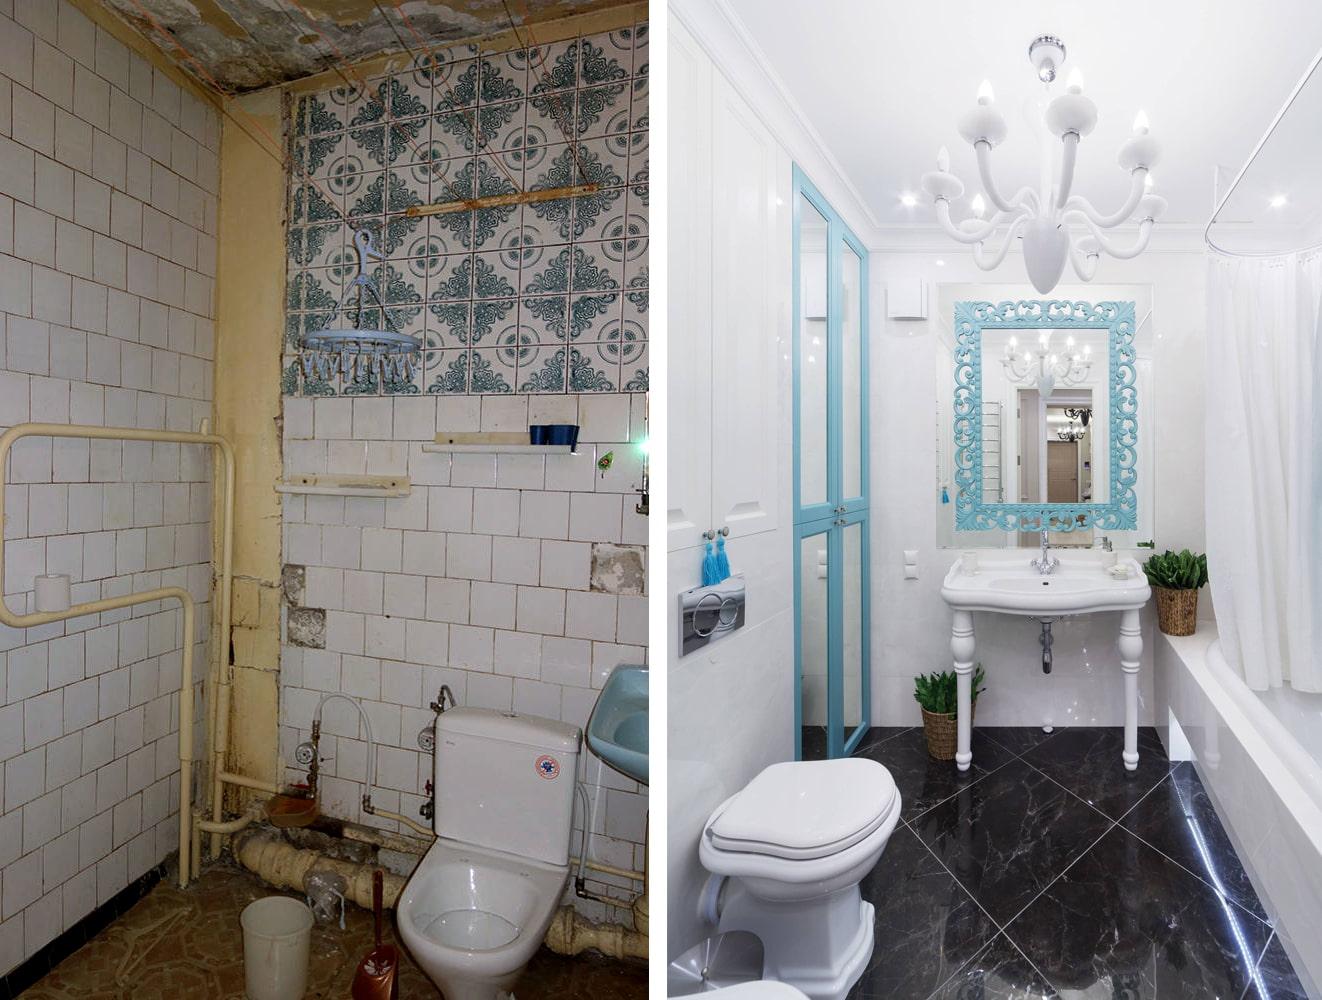 10 exemples de rénovation de salle de bain avec photos avant et après